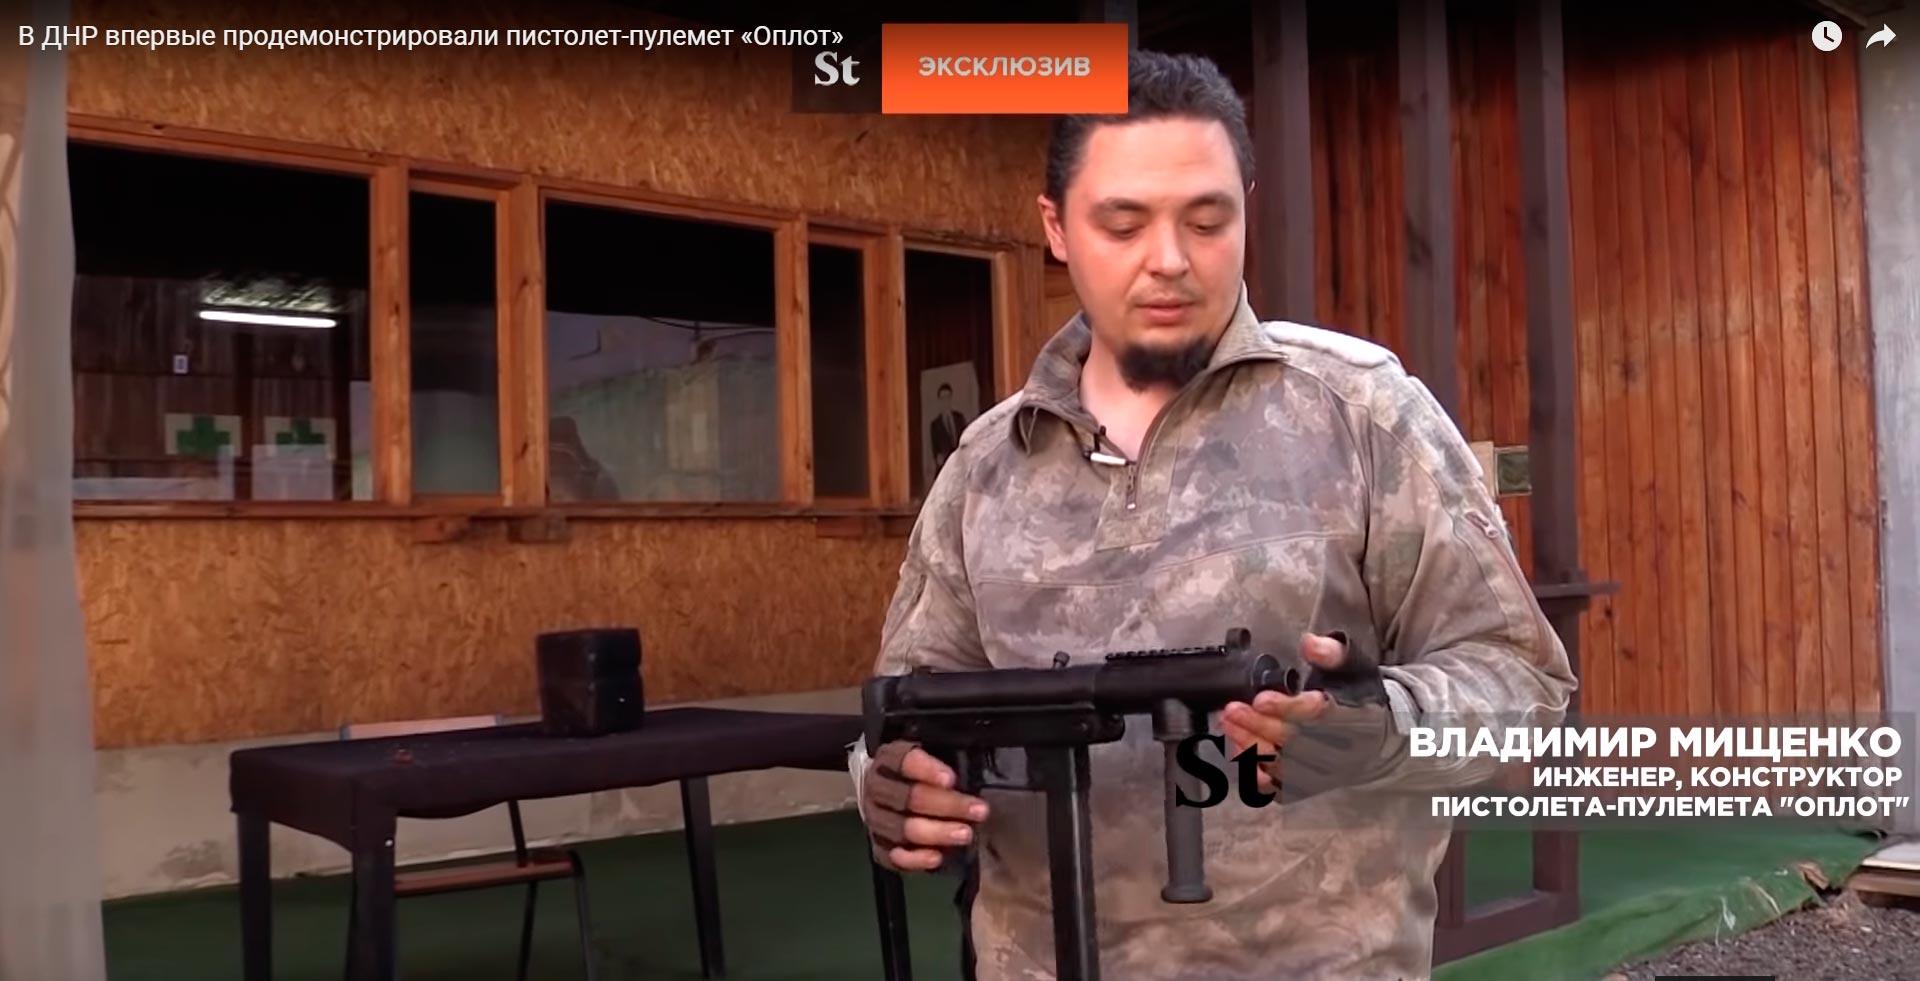 Главный конструктор пистолета-пулемета Оплот Владимир Мищенко